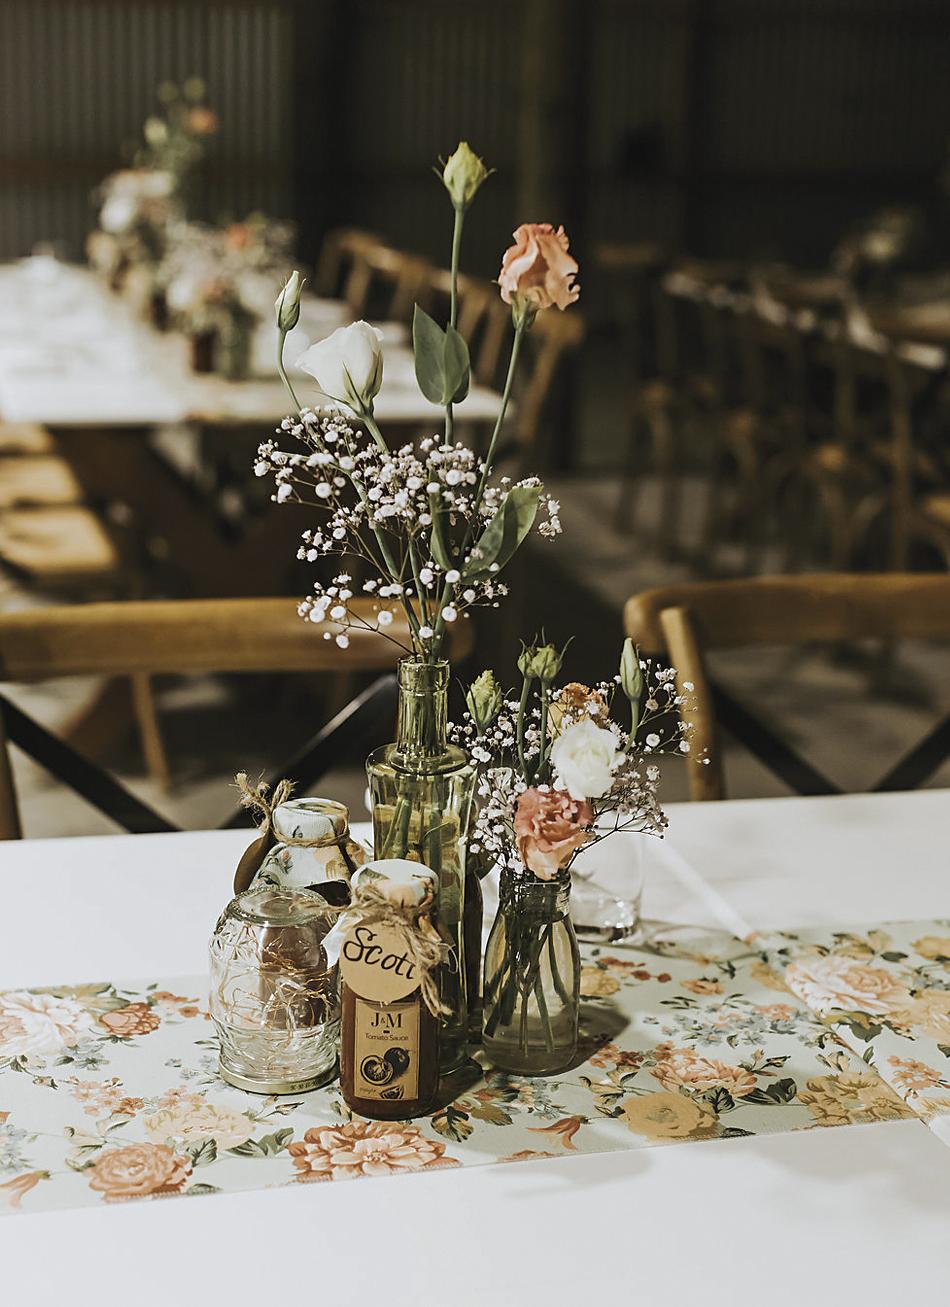 Bride & Groom Mag BRIDE OF THE YEAR WINNER Jacinda Palmer 10.jpg